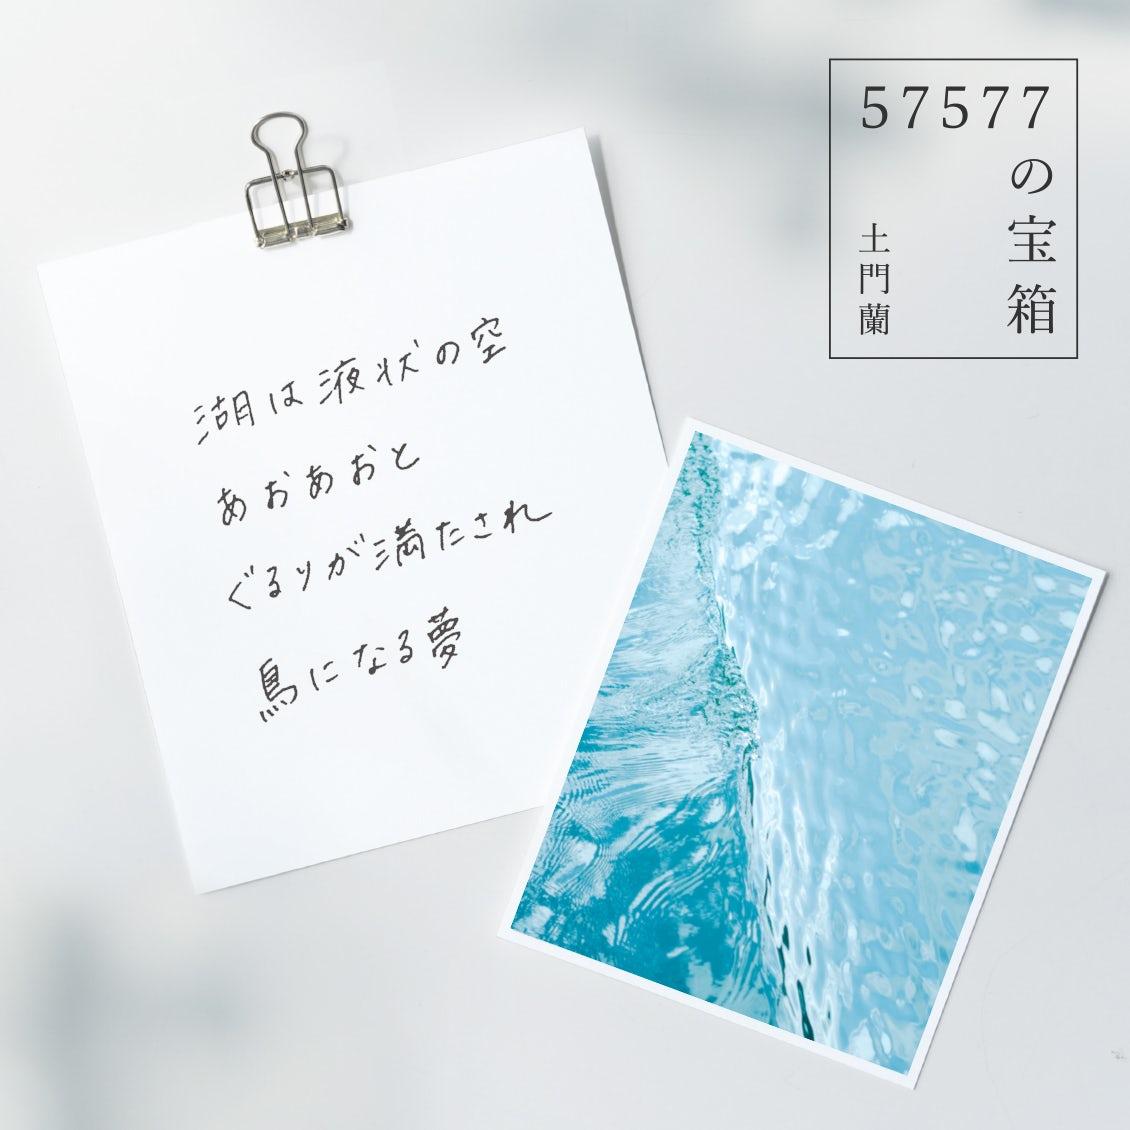 【57577の宝箱】湖は液状の空あおあおと ぐるりが満たされ鳥になる夢